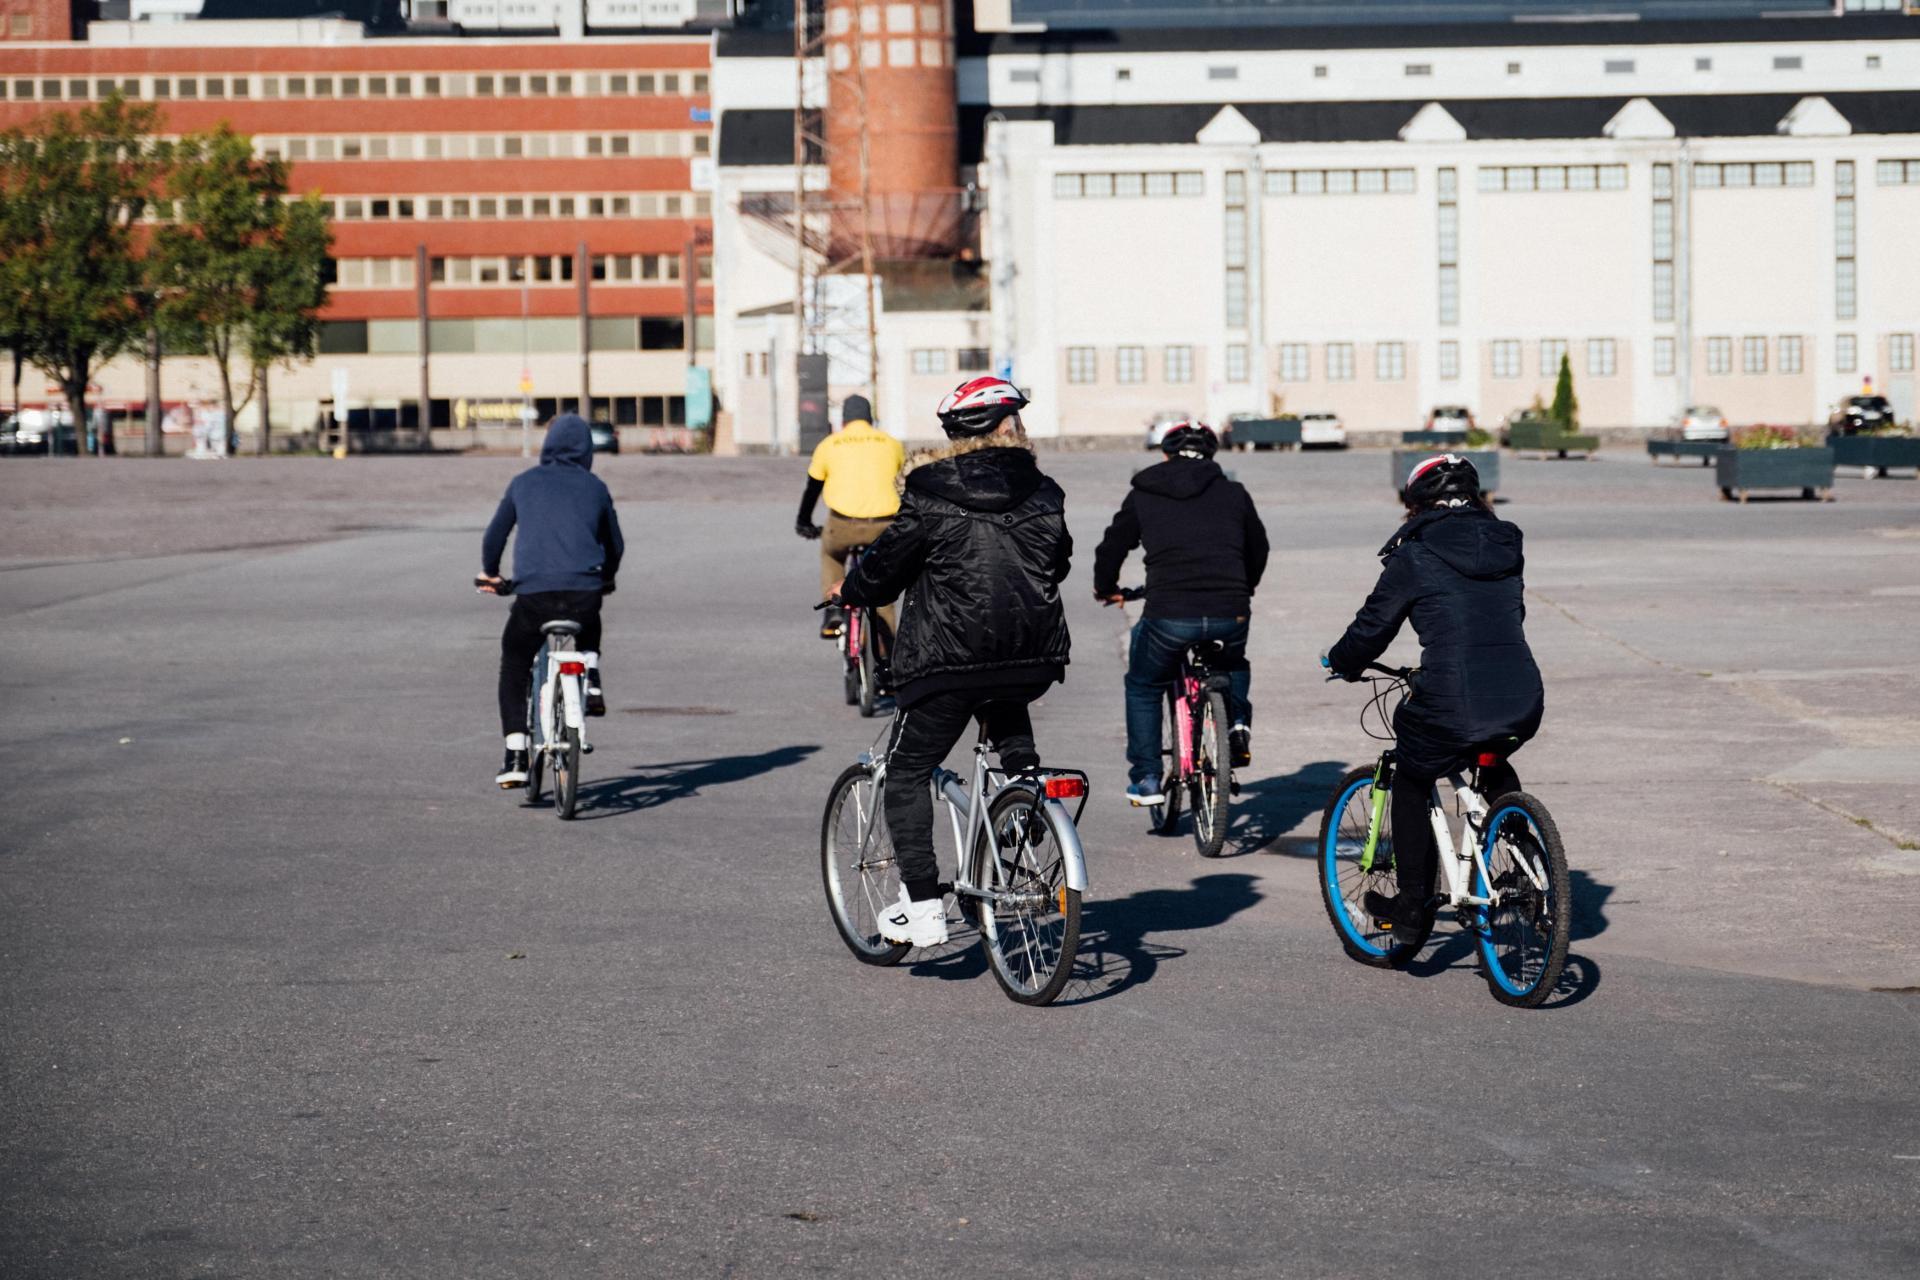 Después de aprender a andar en bicicleta, los participantes son llevados a dar un paseo fuera del área segura, para familiarizarse con las reglas de la calle, en el área de Merihaka en Helsinki, Finlandia, el 20 de septiembre de 2019. Los inmigrantes a Finlandia pueden recibir lecciones de ciclismo gratuitas para ayudarlos a integrarse mejor a la vida en la nación amante de las bicicletas.  Foto: Alessandro Rampazzo / AFP